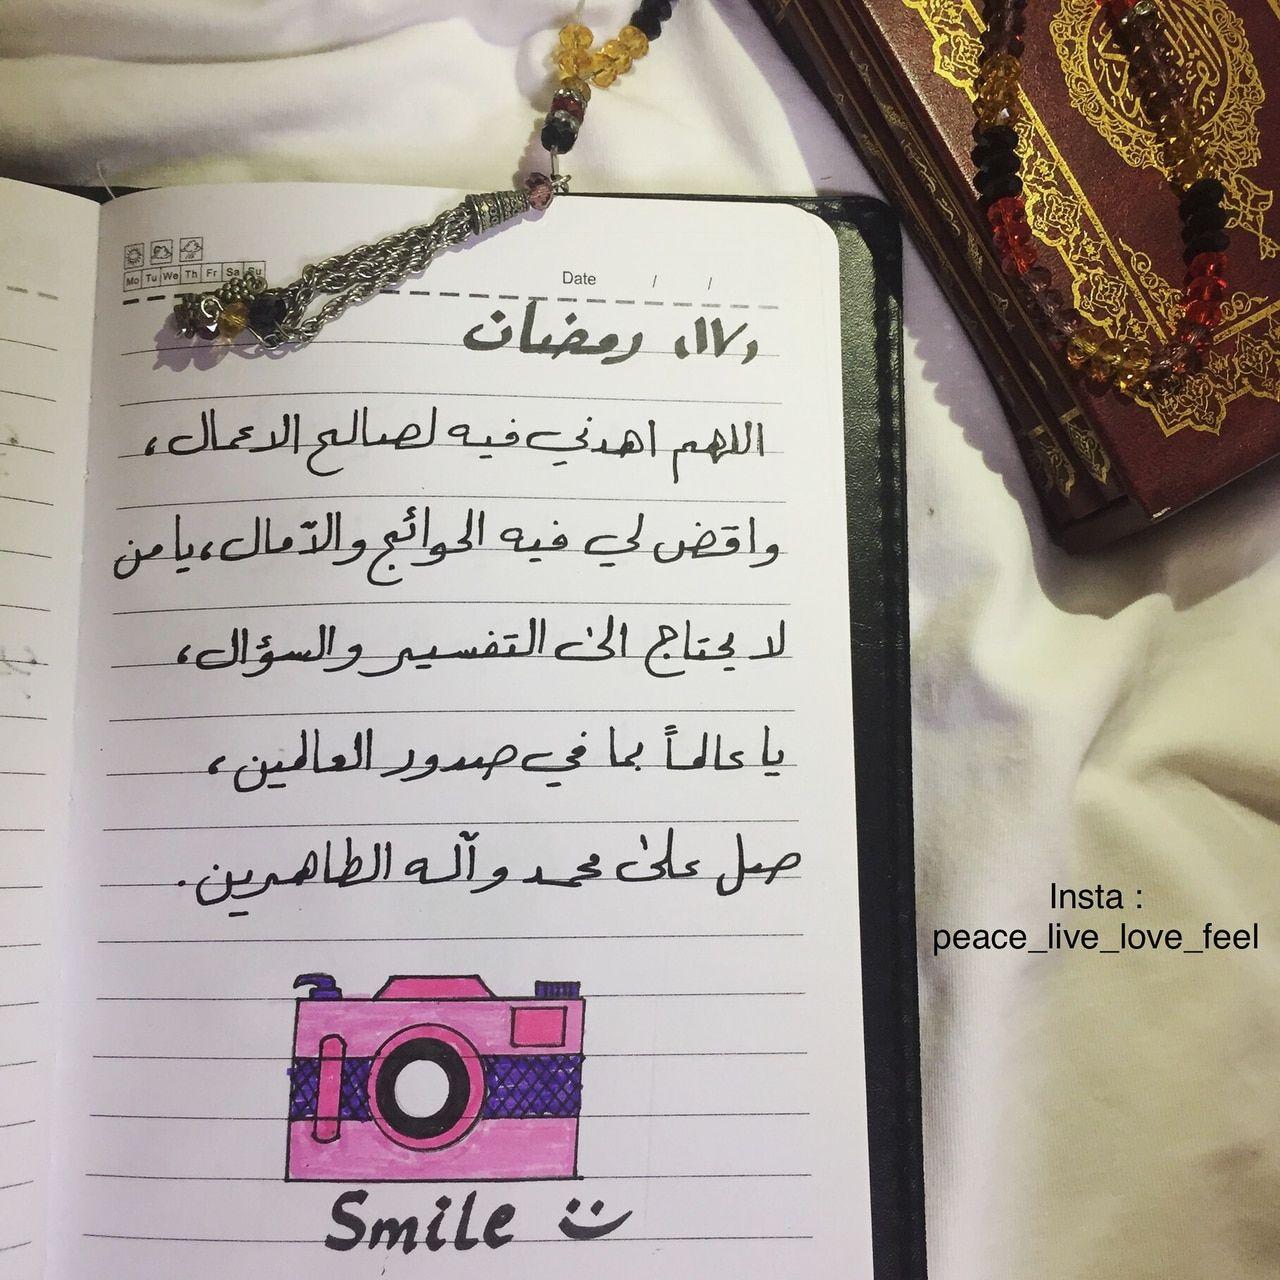 دعاء اليوم السابع عشر من شهر رمضان المبارك Ramadan Arabic Islam Islamicart Quotes Dua Prayer Instagram Ramadan Quotes Ramadan Day Ramadan Greetings